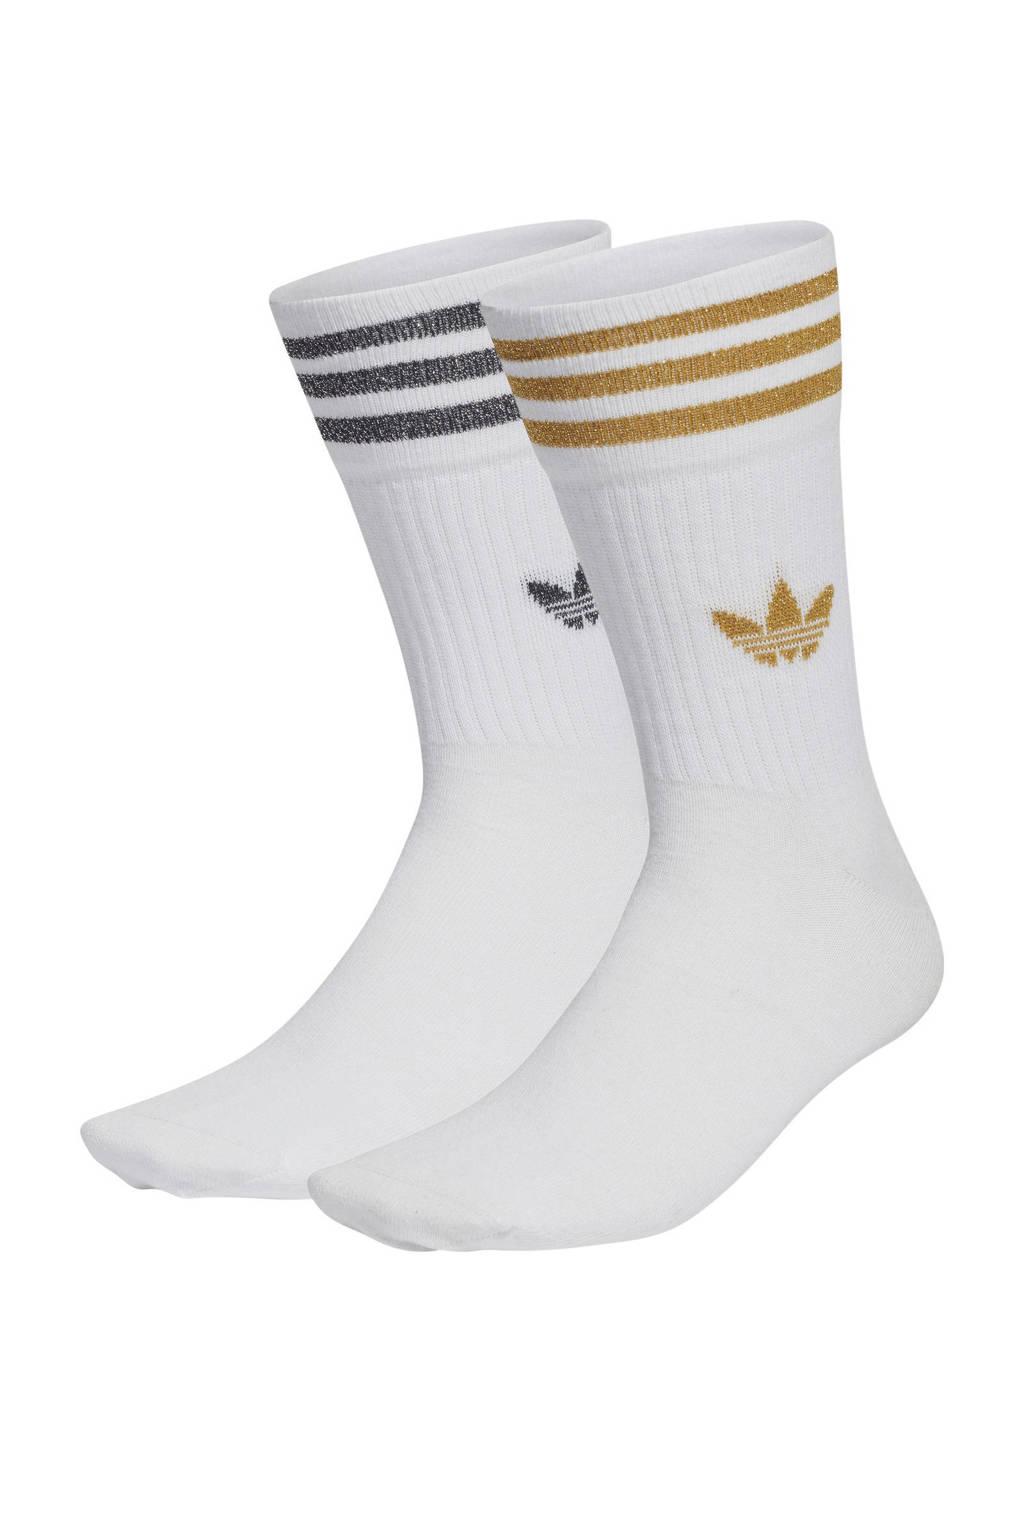 adidas Originals Adicolor sokken - set van 2 wit/zwart/goud, Wit/Zwart/Goud